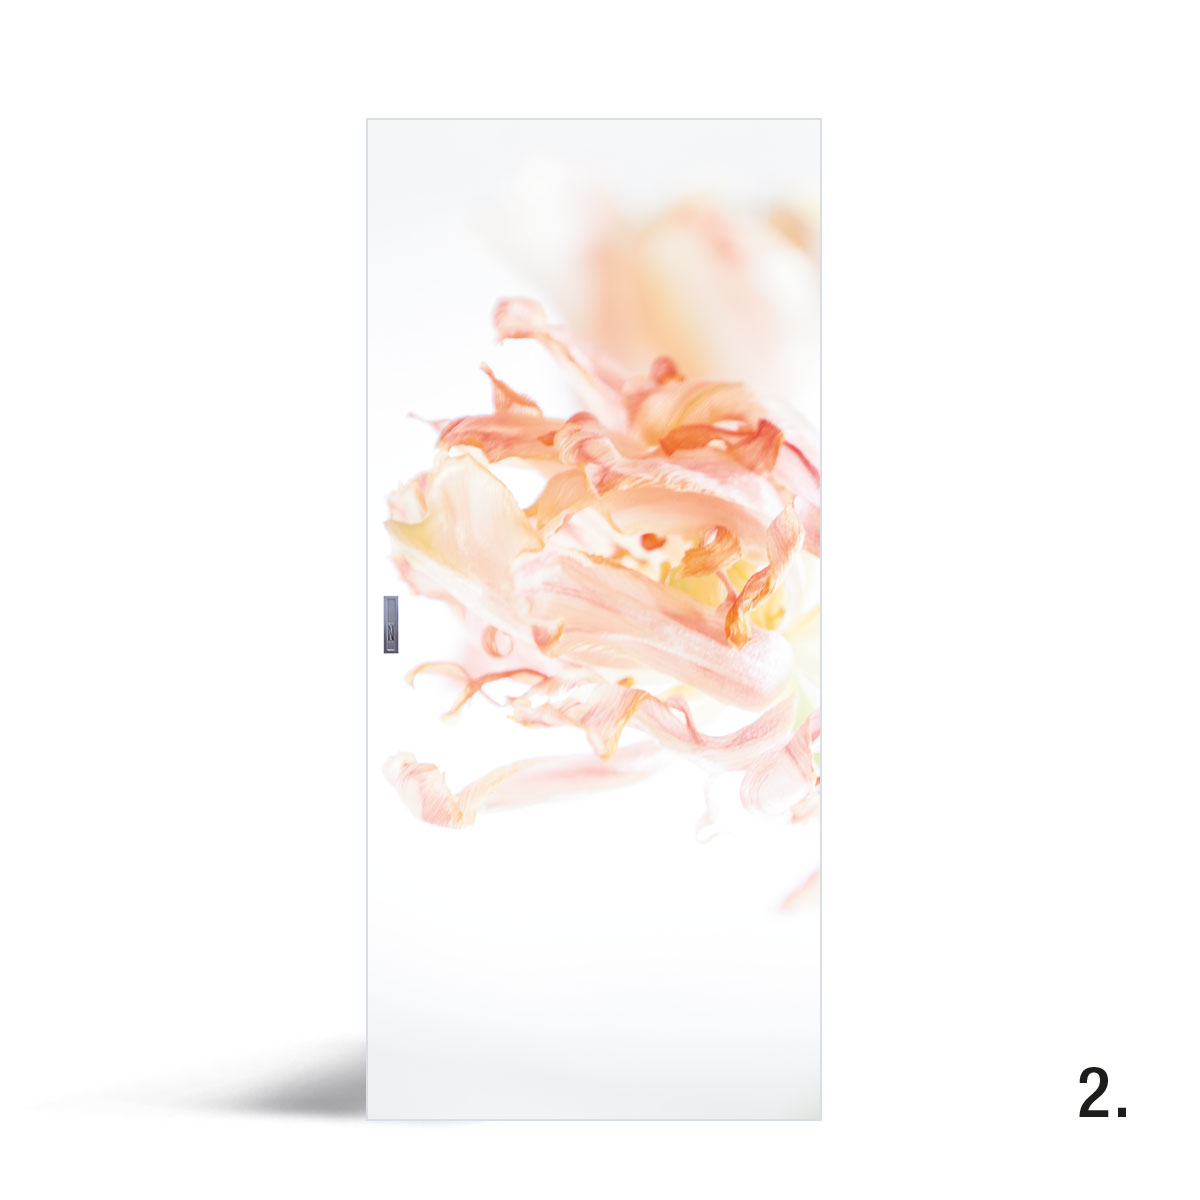 Liune Taide - D20 by Nina Kellokoski - Rauha I yksilehtinen